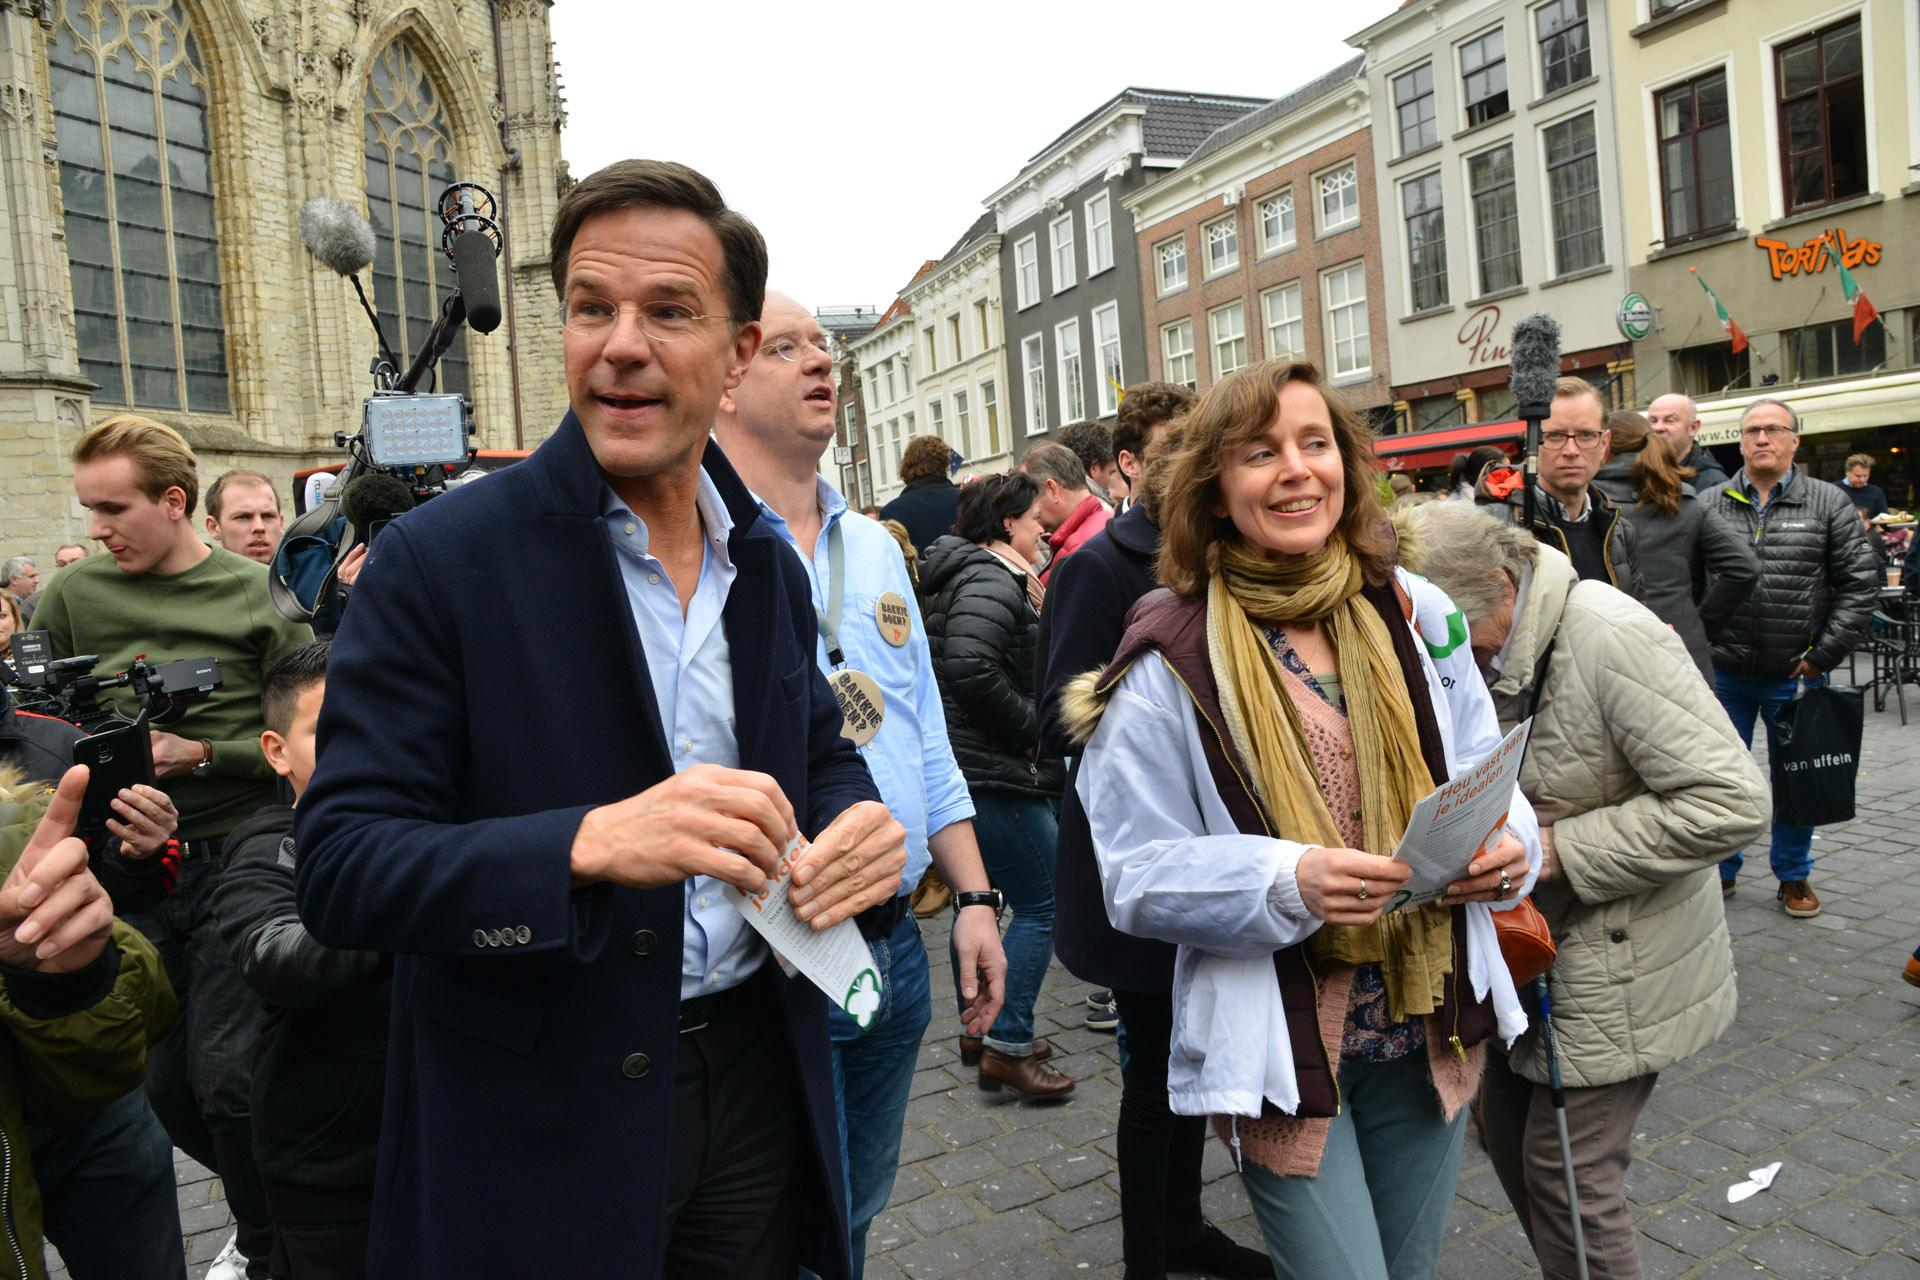 Mark Rutte bracht zaterdag 11 maart een camagnebezoek aan Breda. Daarbij ging het veel over het conflict met Turkije.